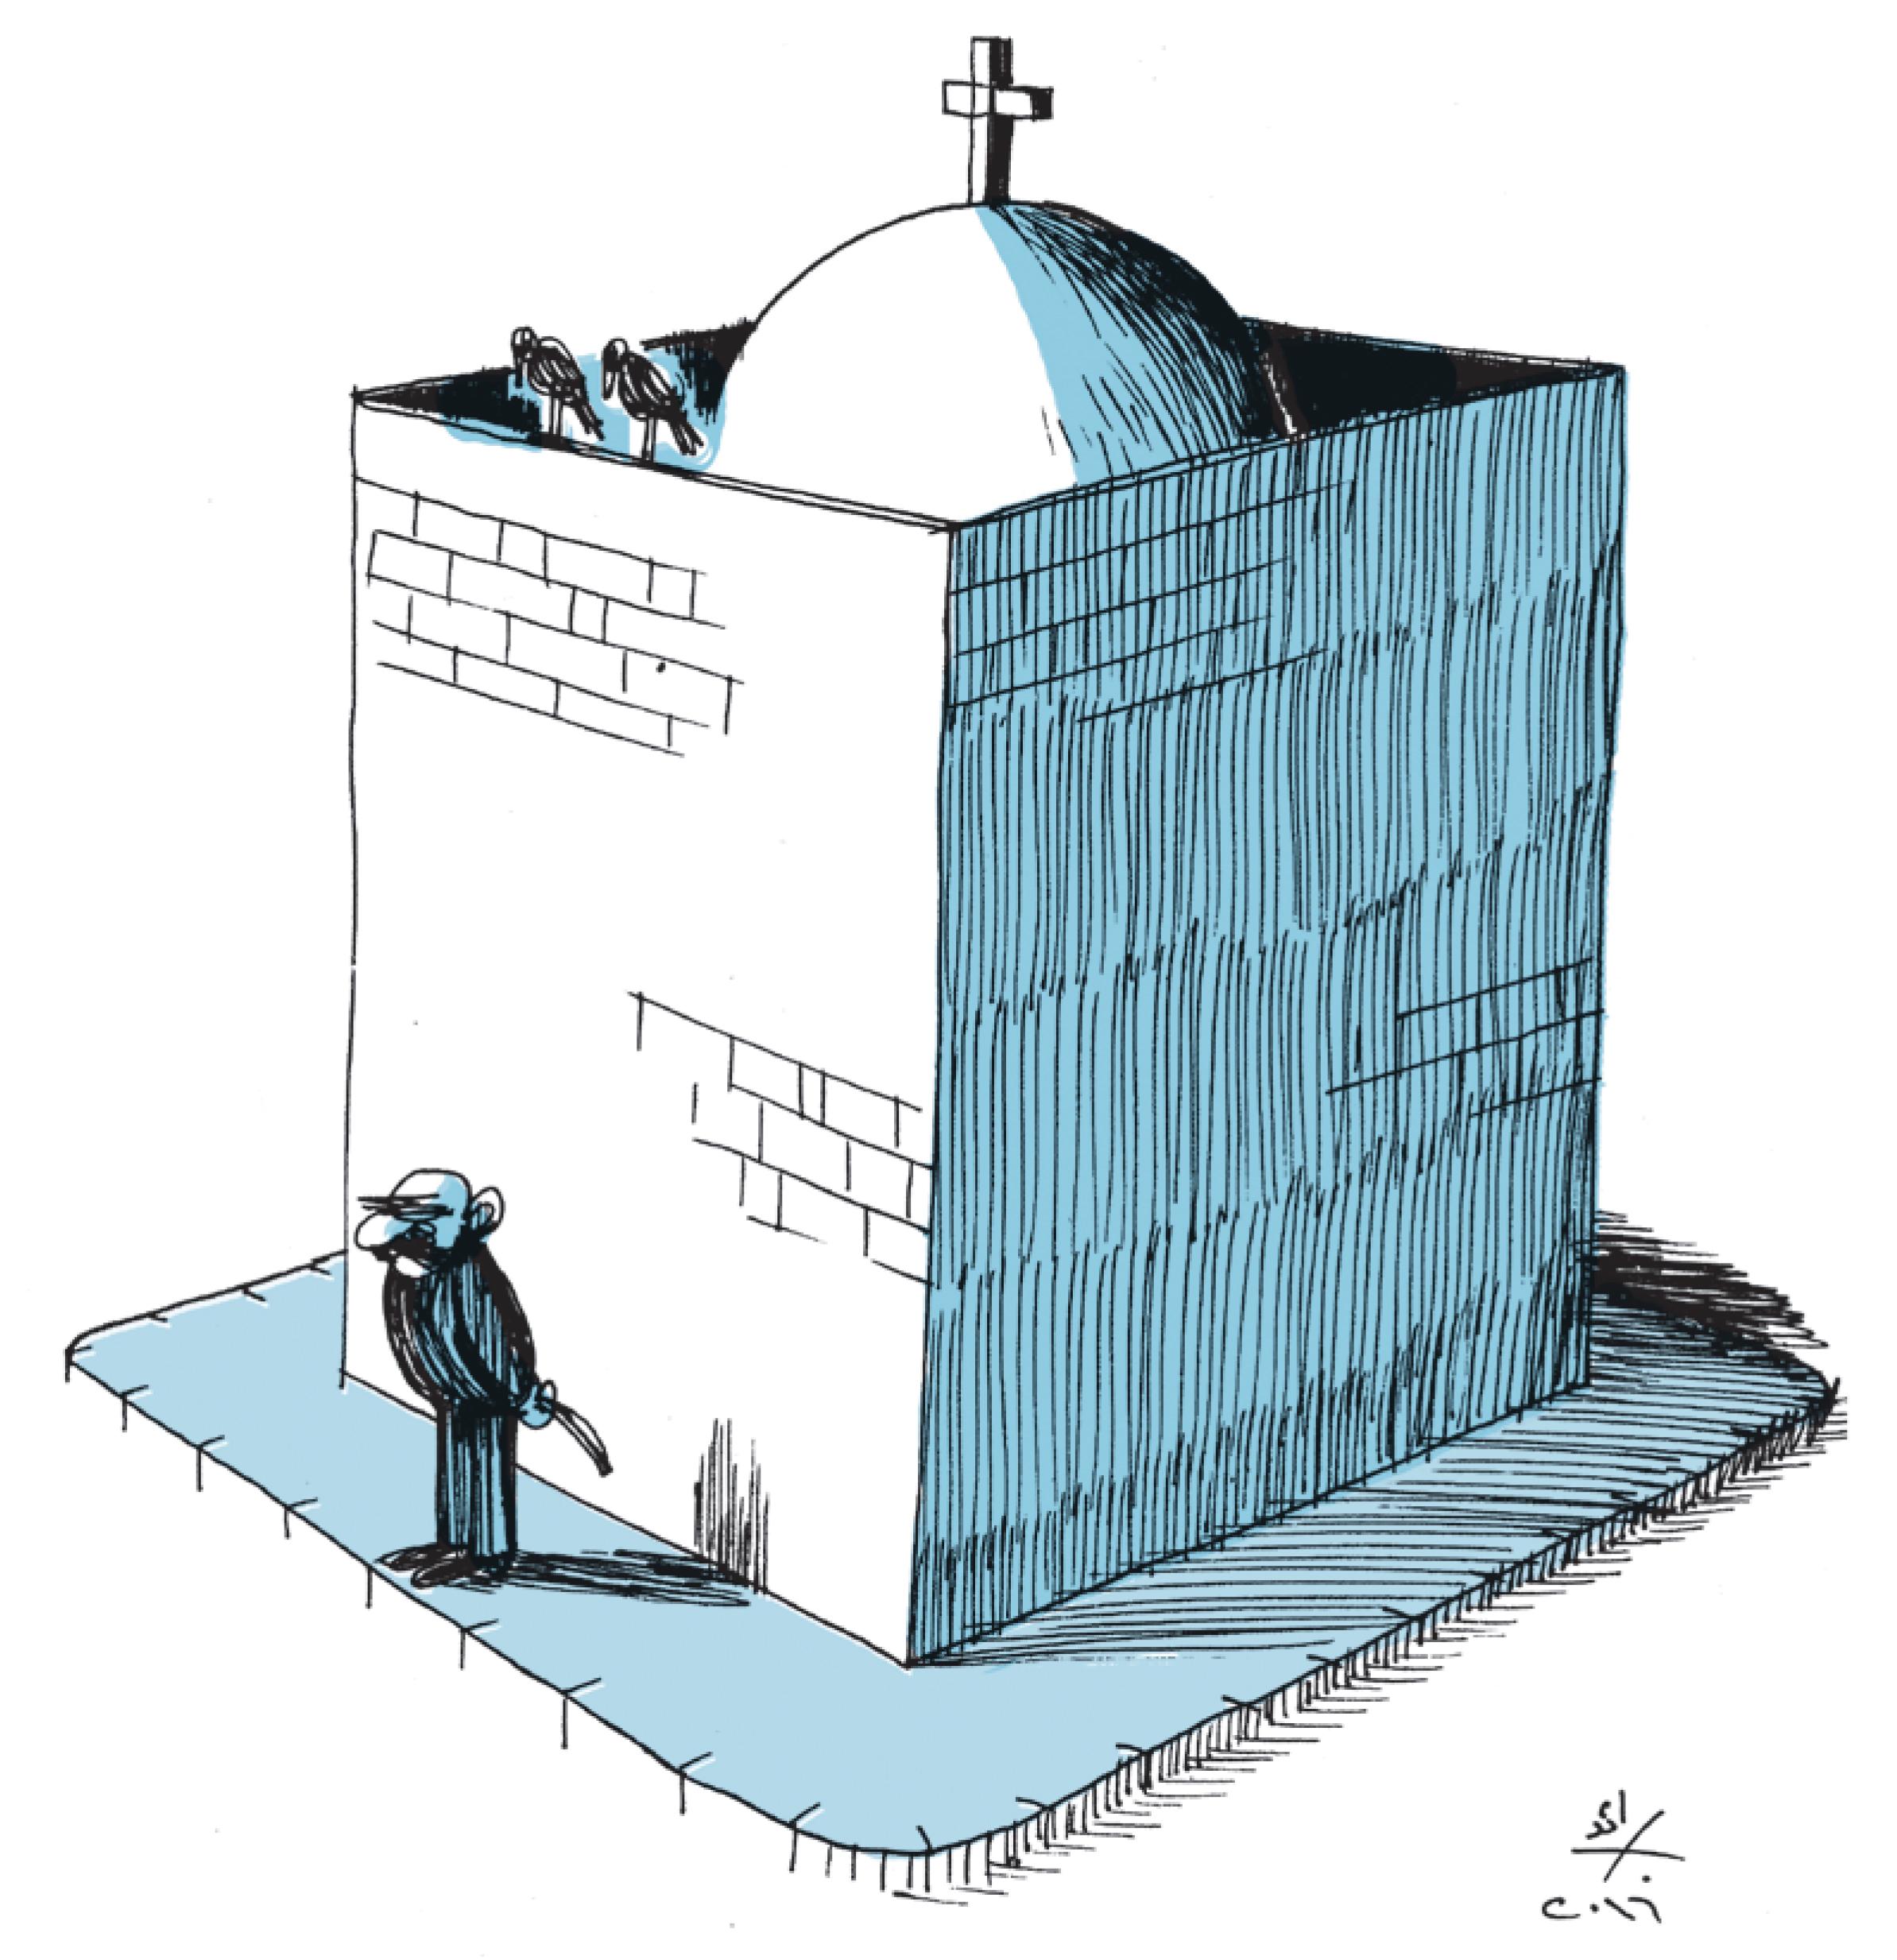 قانون بناء وترميم الكنائس في مصر: تقنين التمييز والطائفية